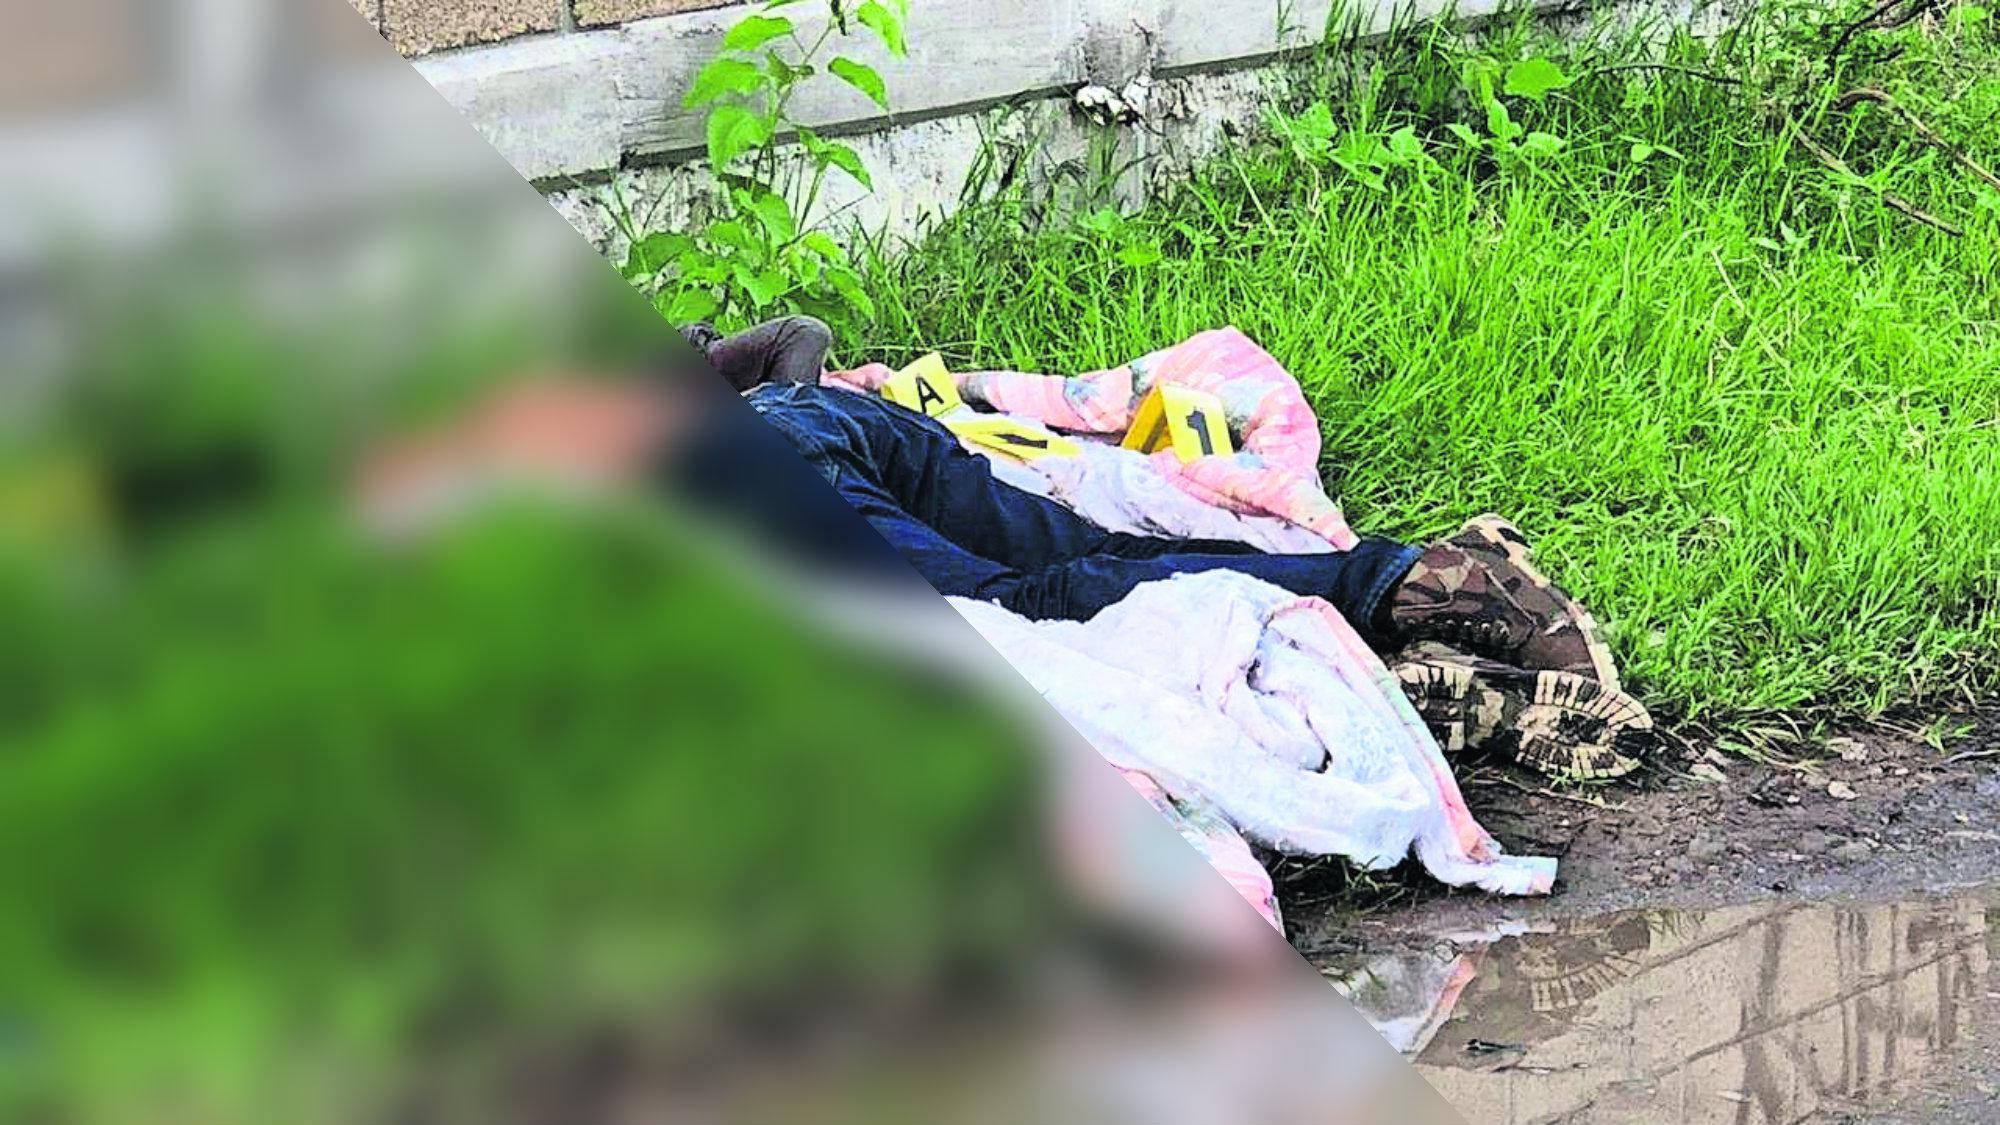 Abandonan cadáver encobijado Molido a golpes Morelos